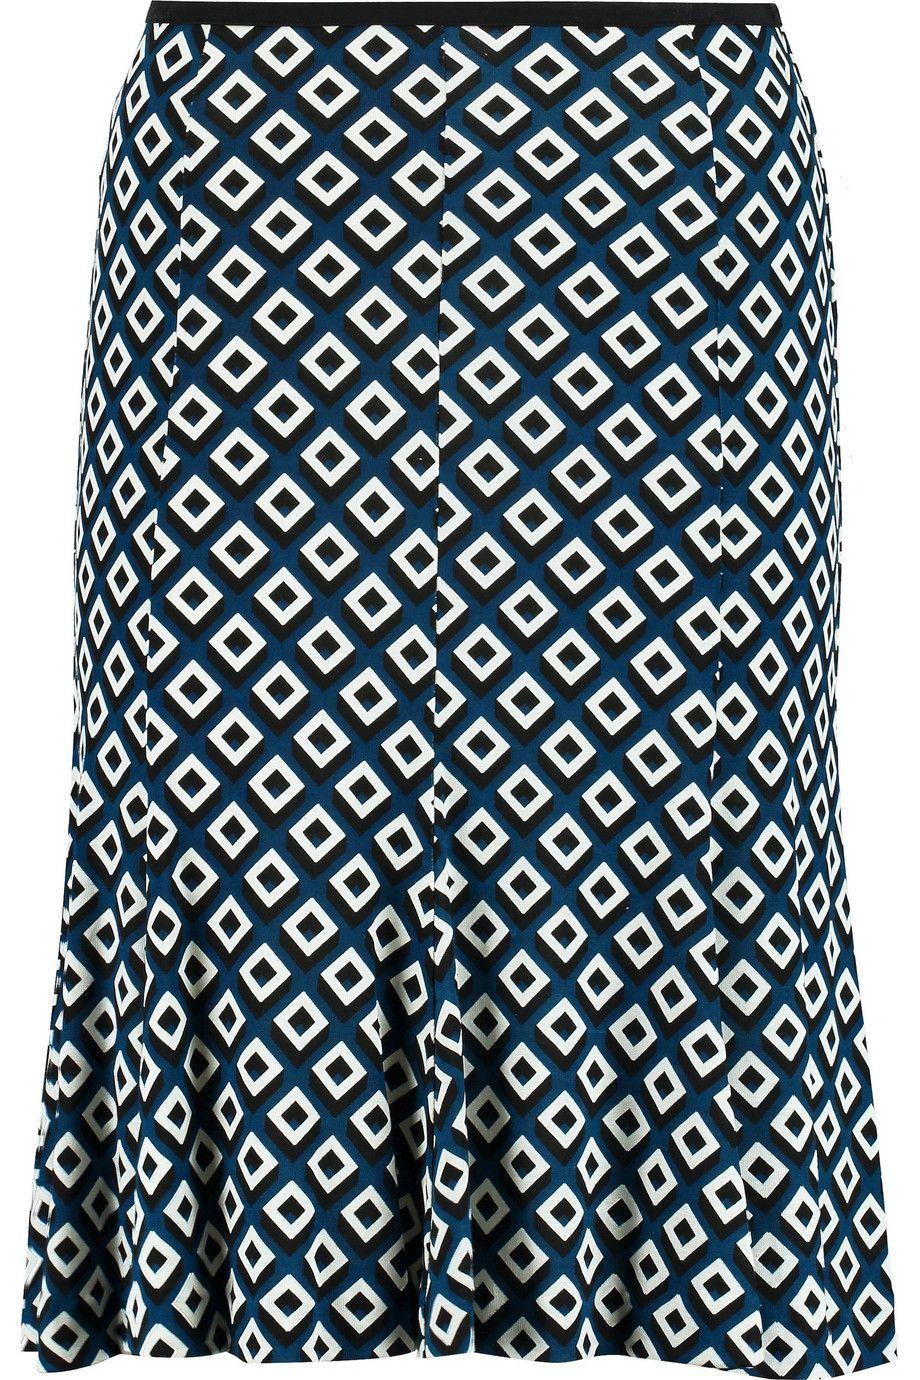 DIANE VON FURSTENBERG Thames Printed Silk-Jersey Skirt. #dianevonfurstenberg #cloth #skirt